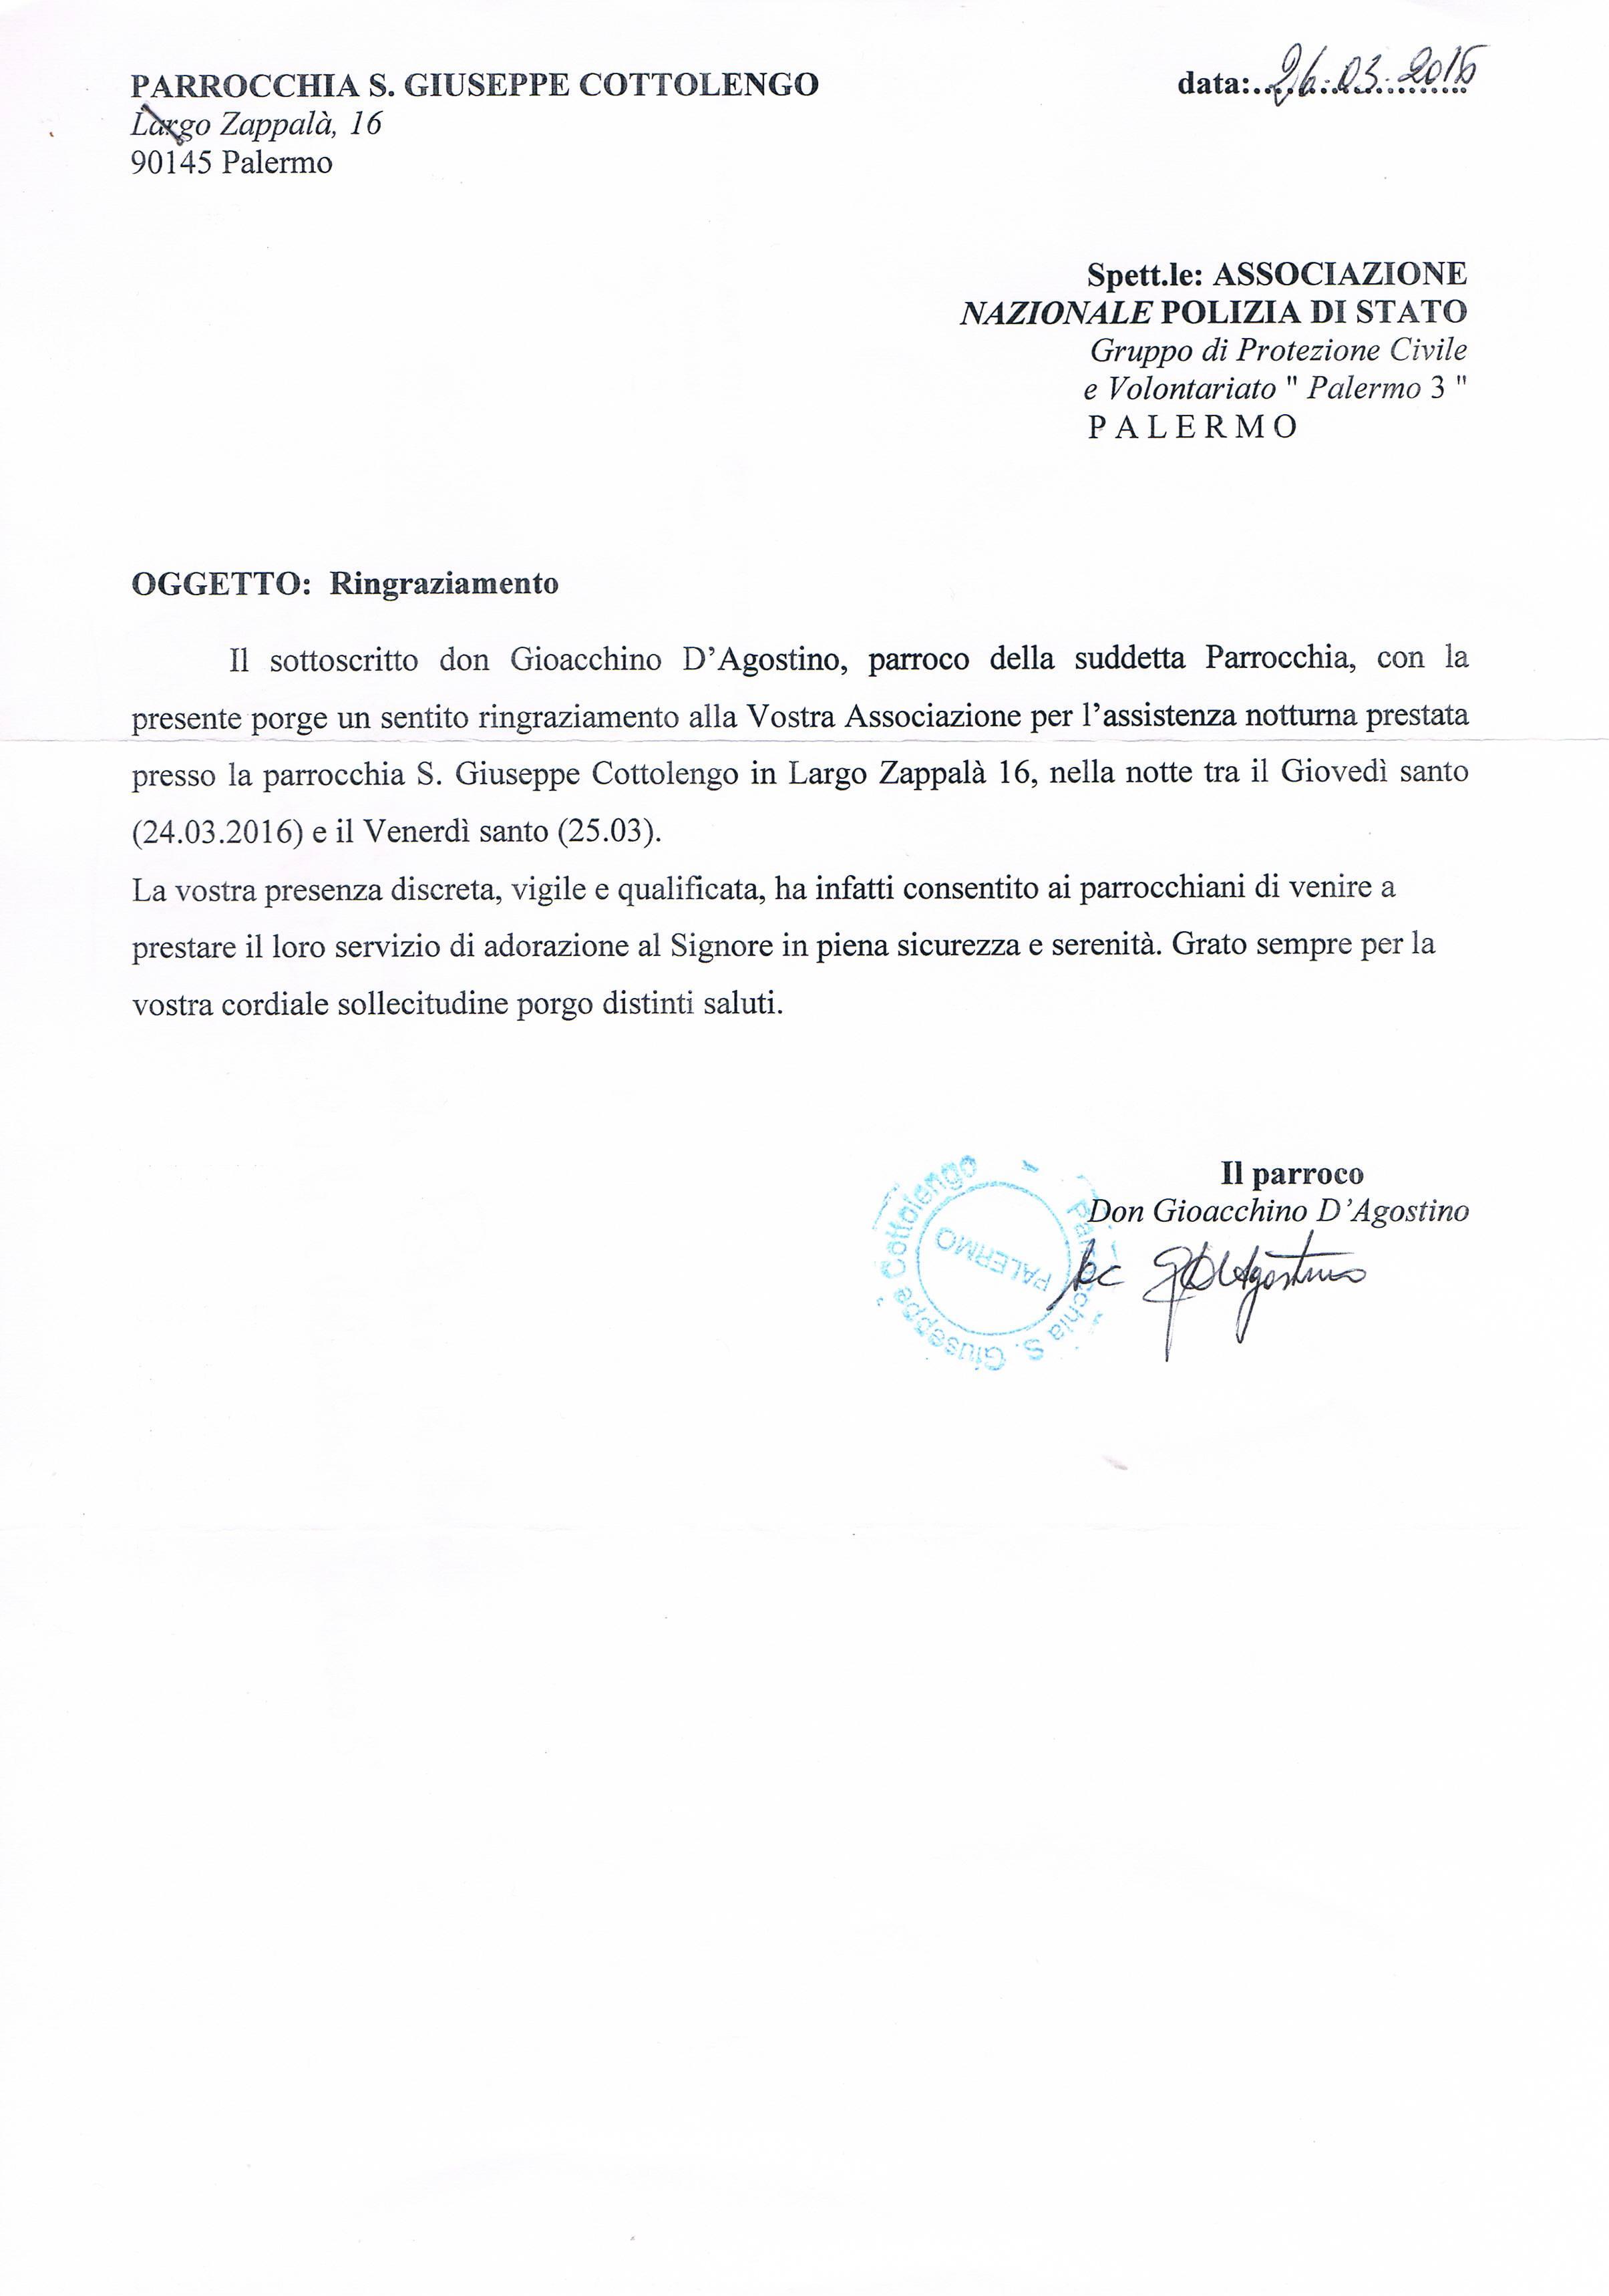 parrocia pascqa 3 2016